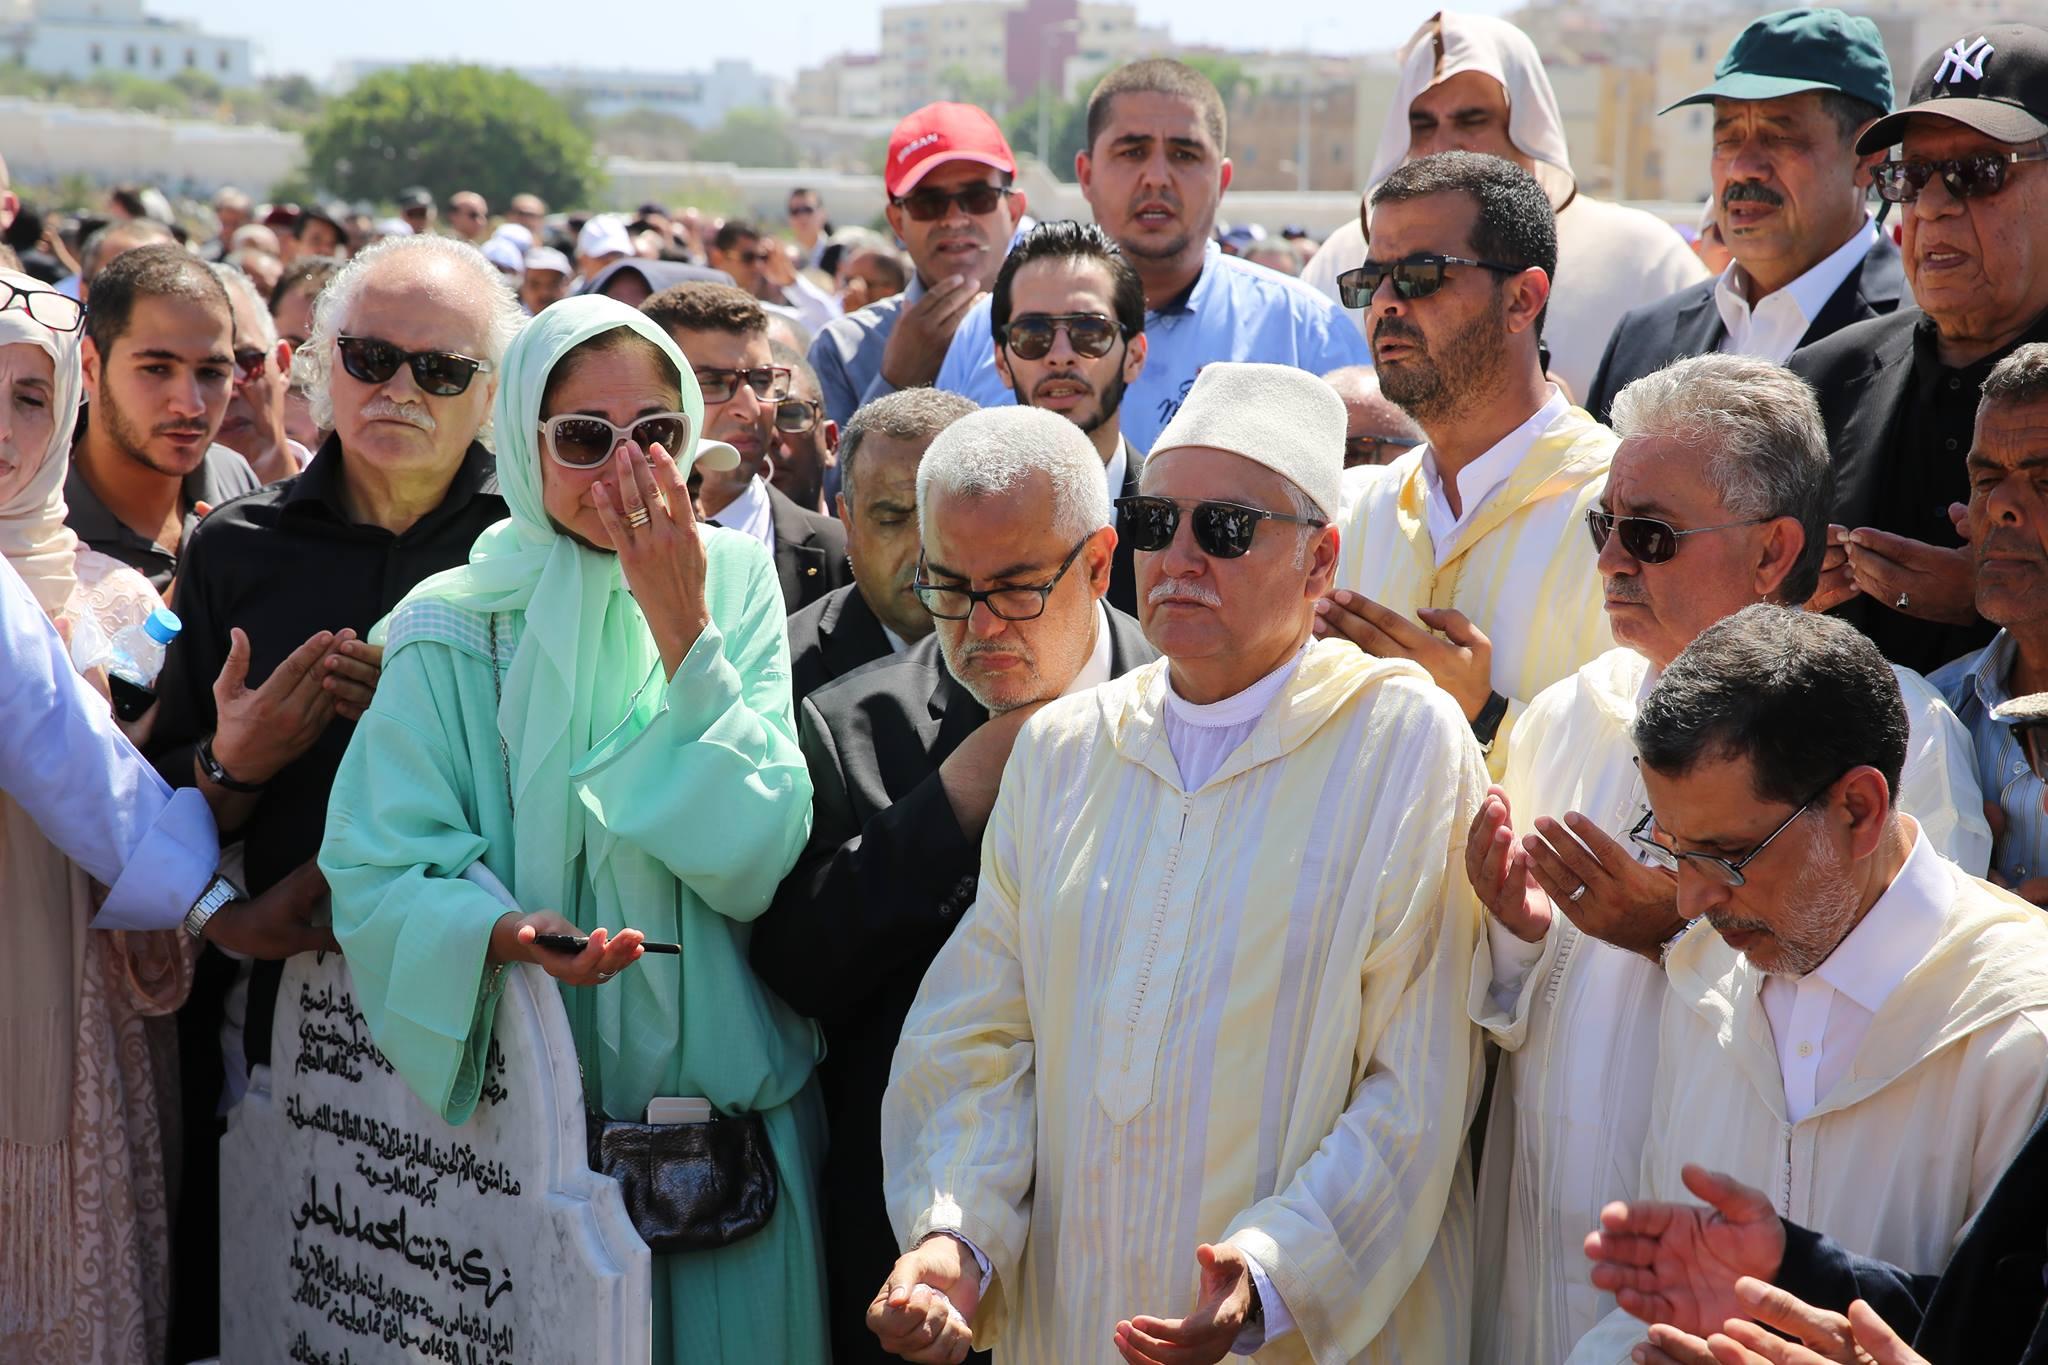 فيديو.. جنازة أم نبيل بنعبد الله.. حضور سياسي وازن وكلمة لبنكيران عند القبر